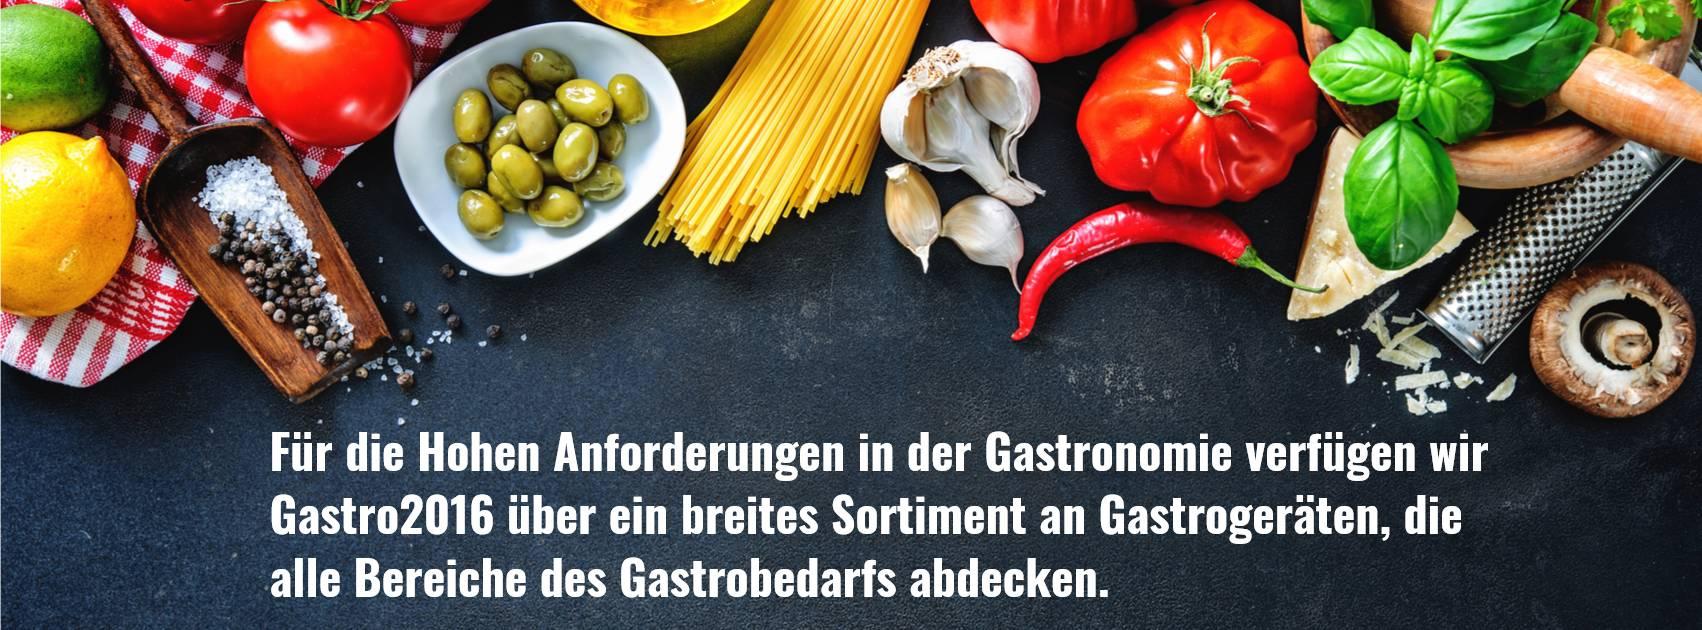 banner image Gastro 2016 Ihr Online-Shop für Top Gastronomiegeräte